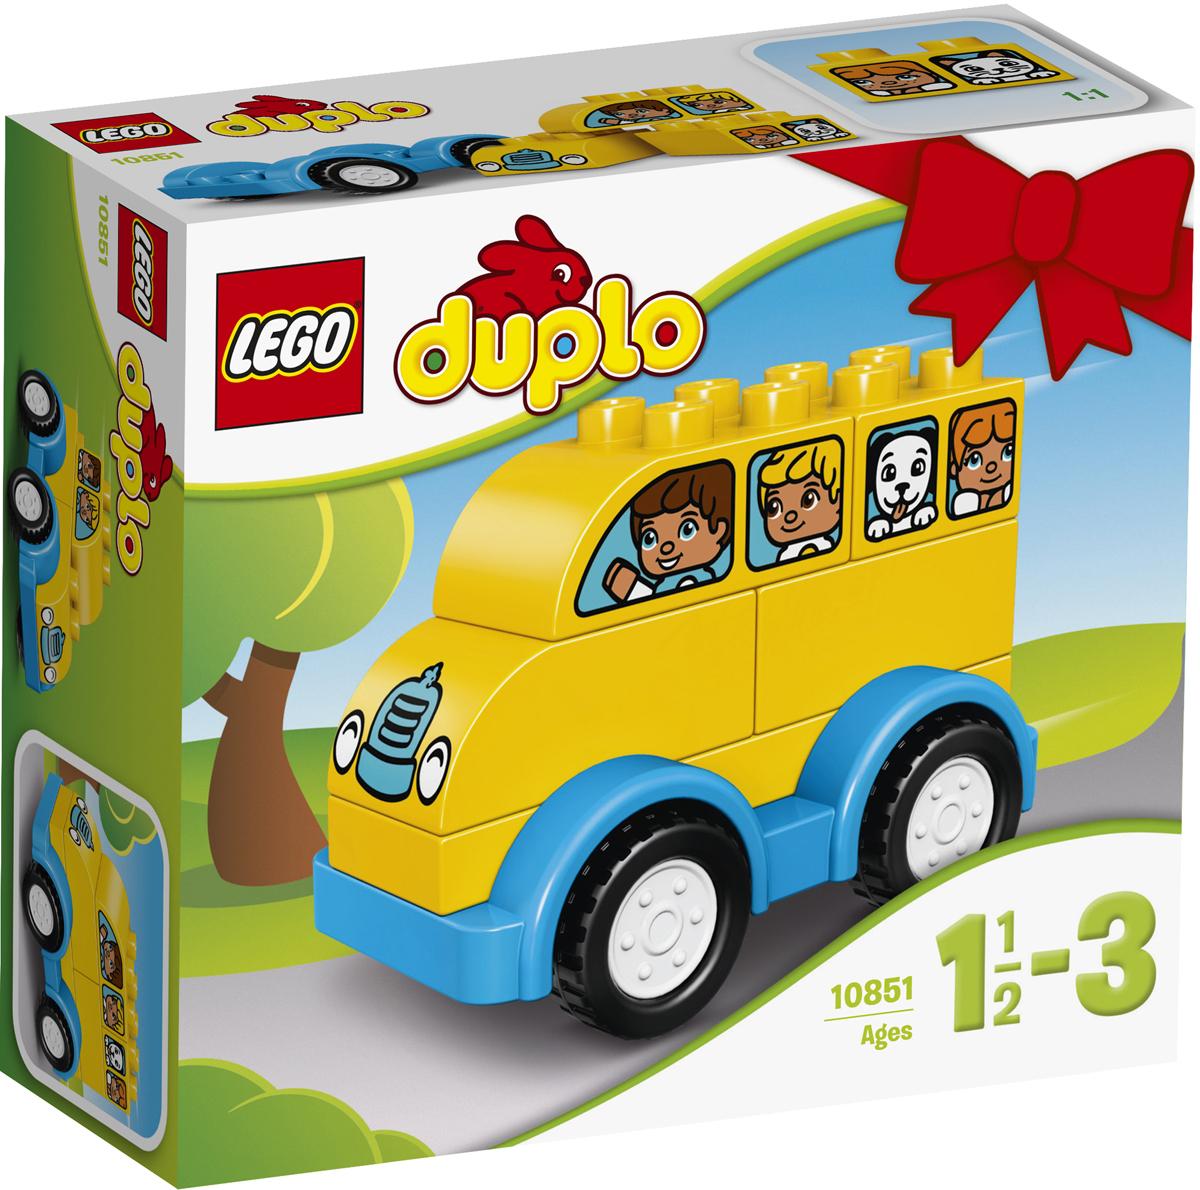 LEGO DUPLO Конструктор Мой первый автобус 1085110851Малышам понравится строить и перестраивать этот милый желтый автобус, чтобы потом использовать его в своих играх. Простой набор помогает в развитии мелкой моторики и навыков конструирования, а кубики в виде окон с персонажами стимулируют ролевые игры. Крупные кубики LEGO DUPLO специально сконструированы так, чтобы они были безопасны и удобны для маленьких ручек. Набор включает в себя 6 разноцветных пластиковых элементов. Конструктор станет замечательным сюрпризом вашему ребенку, который будет способствовать развитию мелкой моторики рук, внимательности, усидчивости и мышления. Играя с конструктором, ребенок научится собирать детали по образцу, проводить время с пользой и удовольствием.